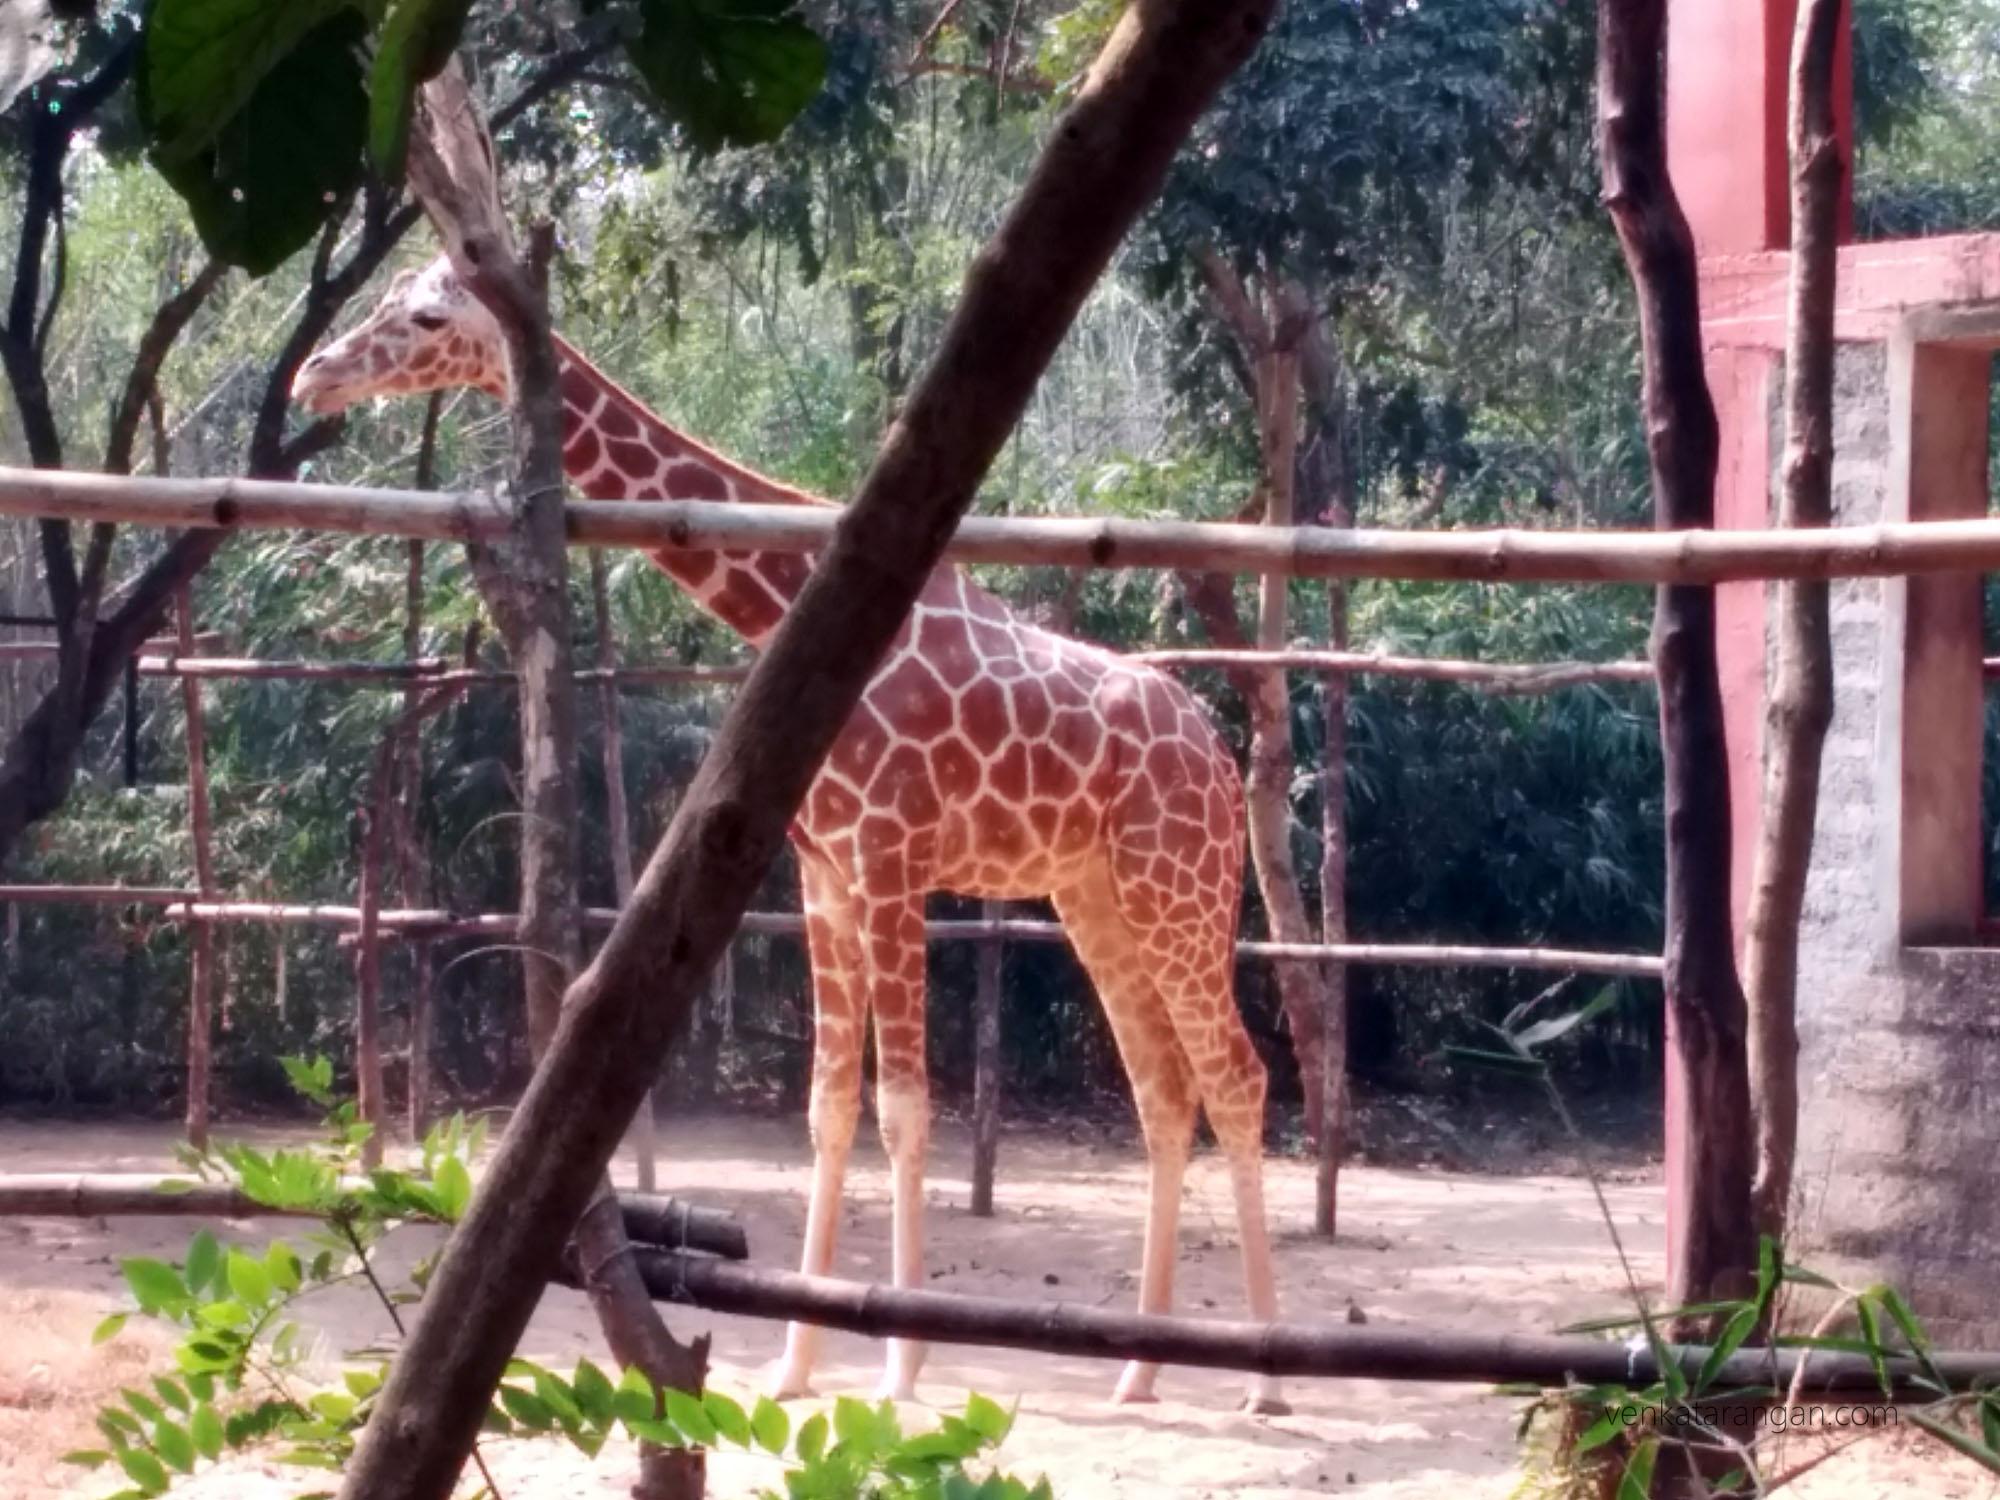 Giraffe - Nandankanan Zoological Park